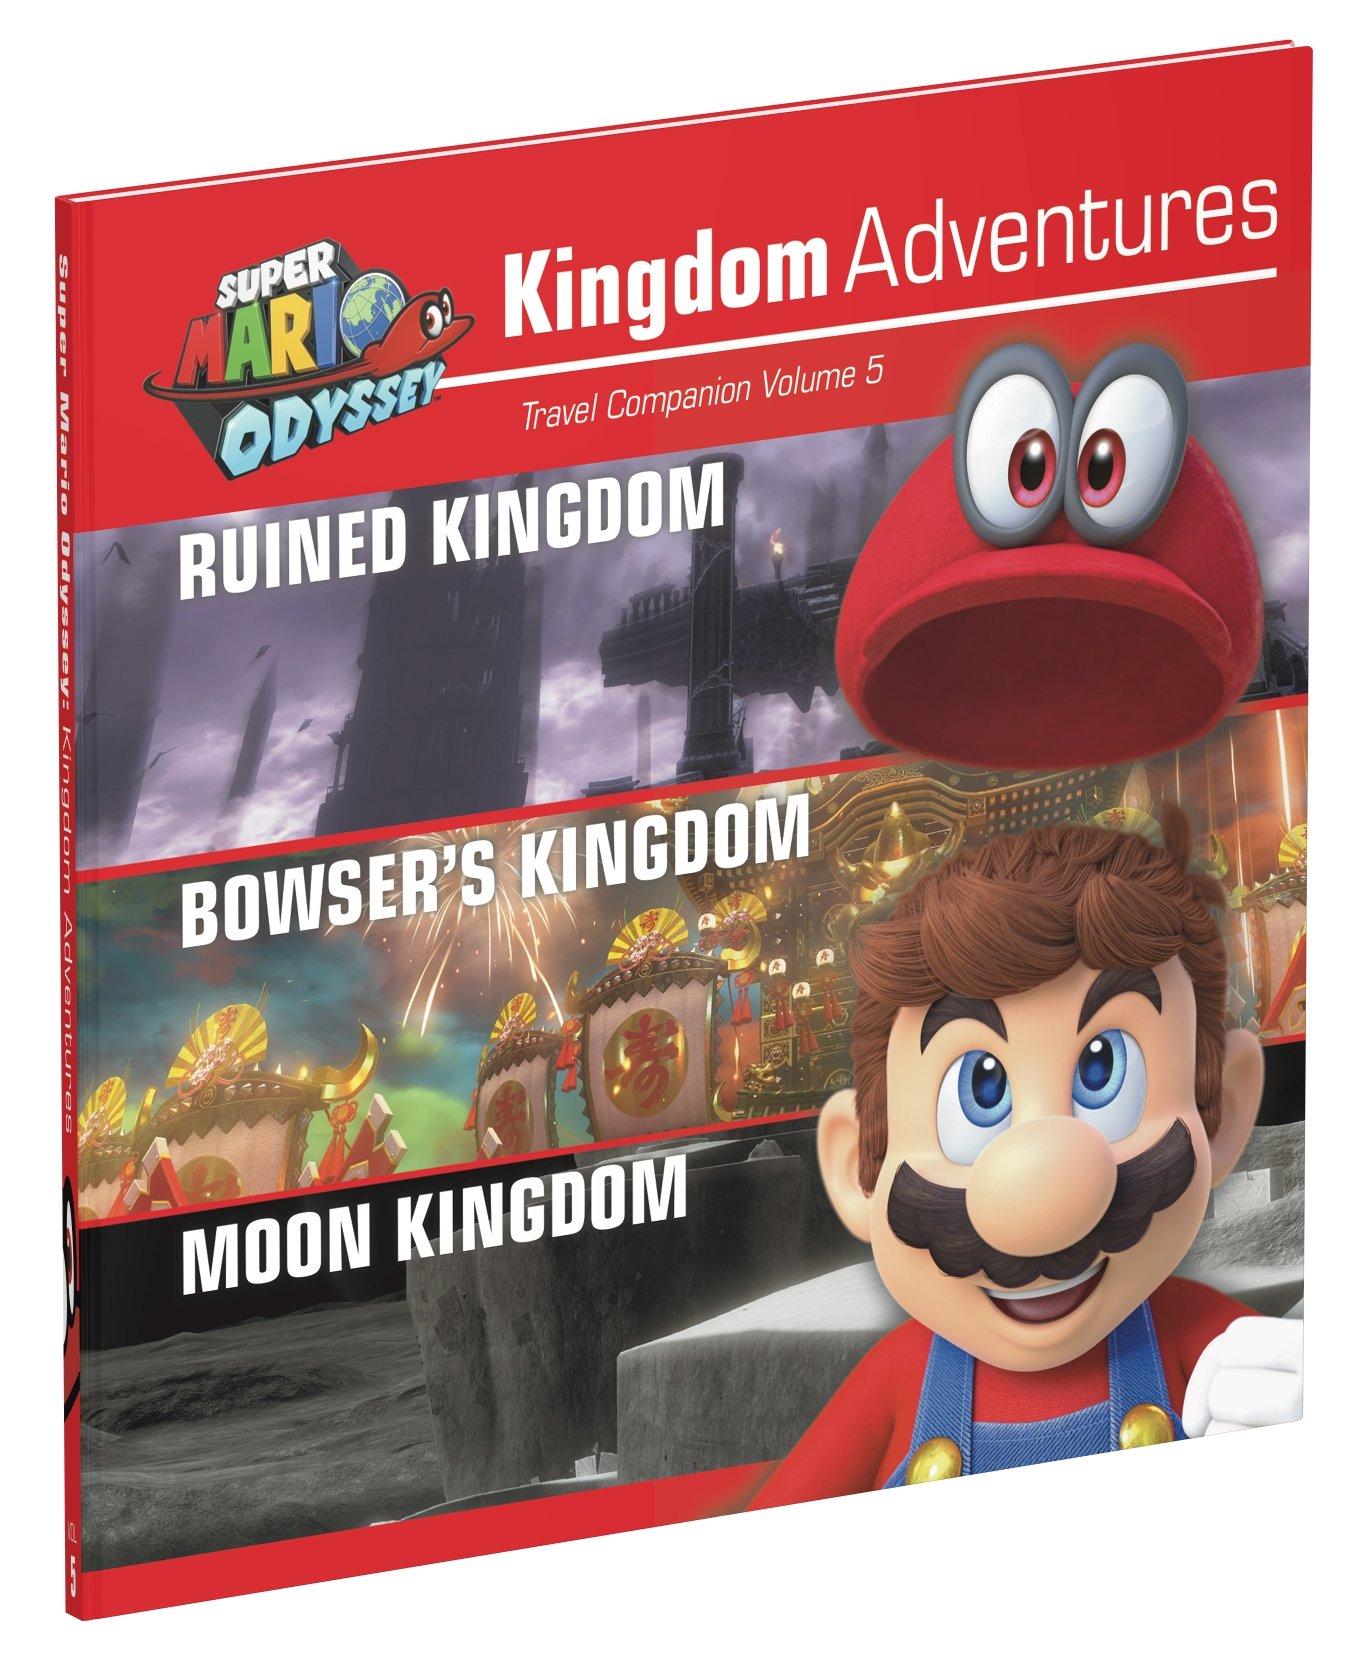 Super Mario Odyssey Kingdom Adventures Vol 5 Prima Games